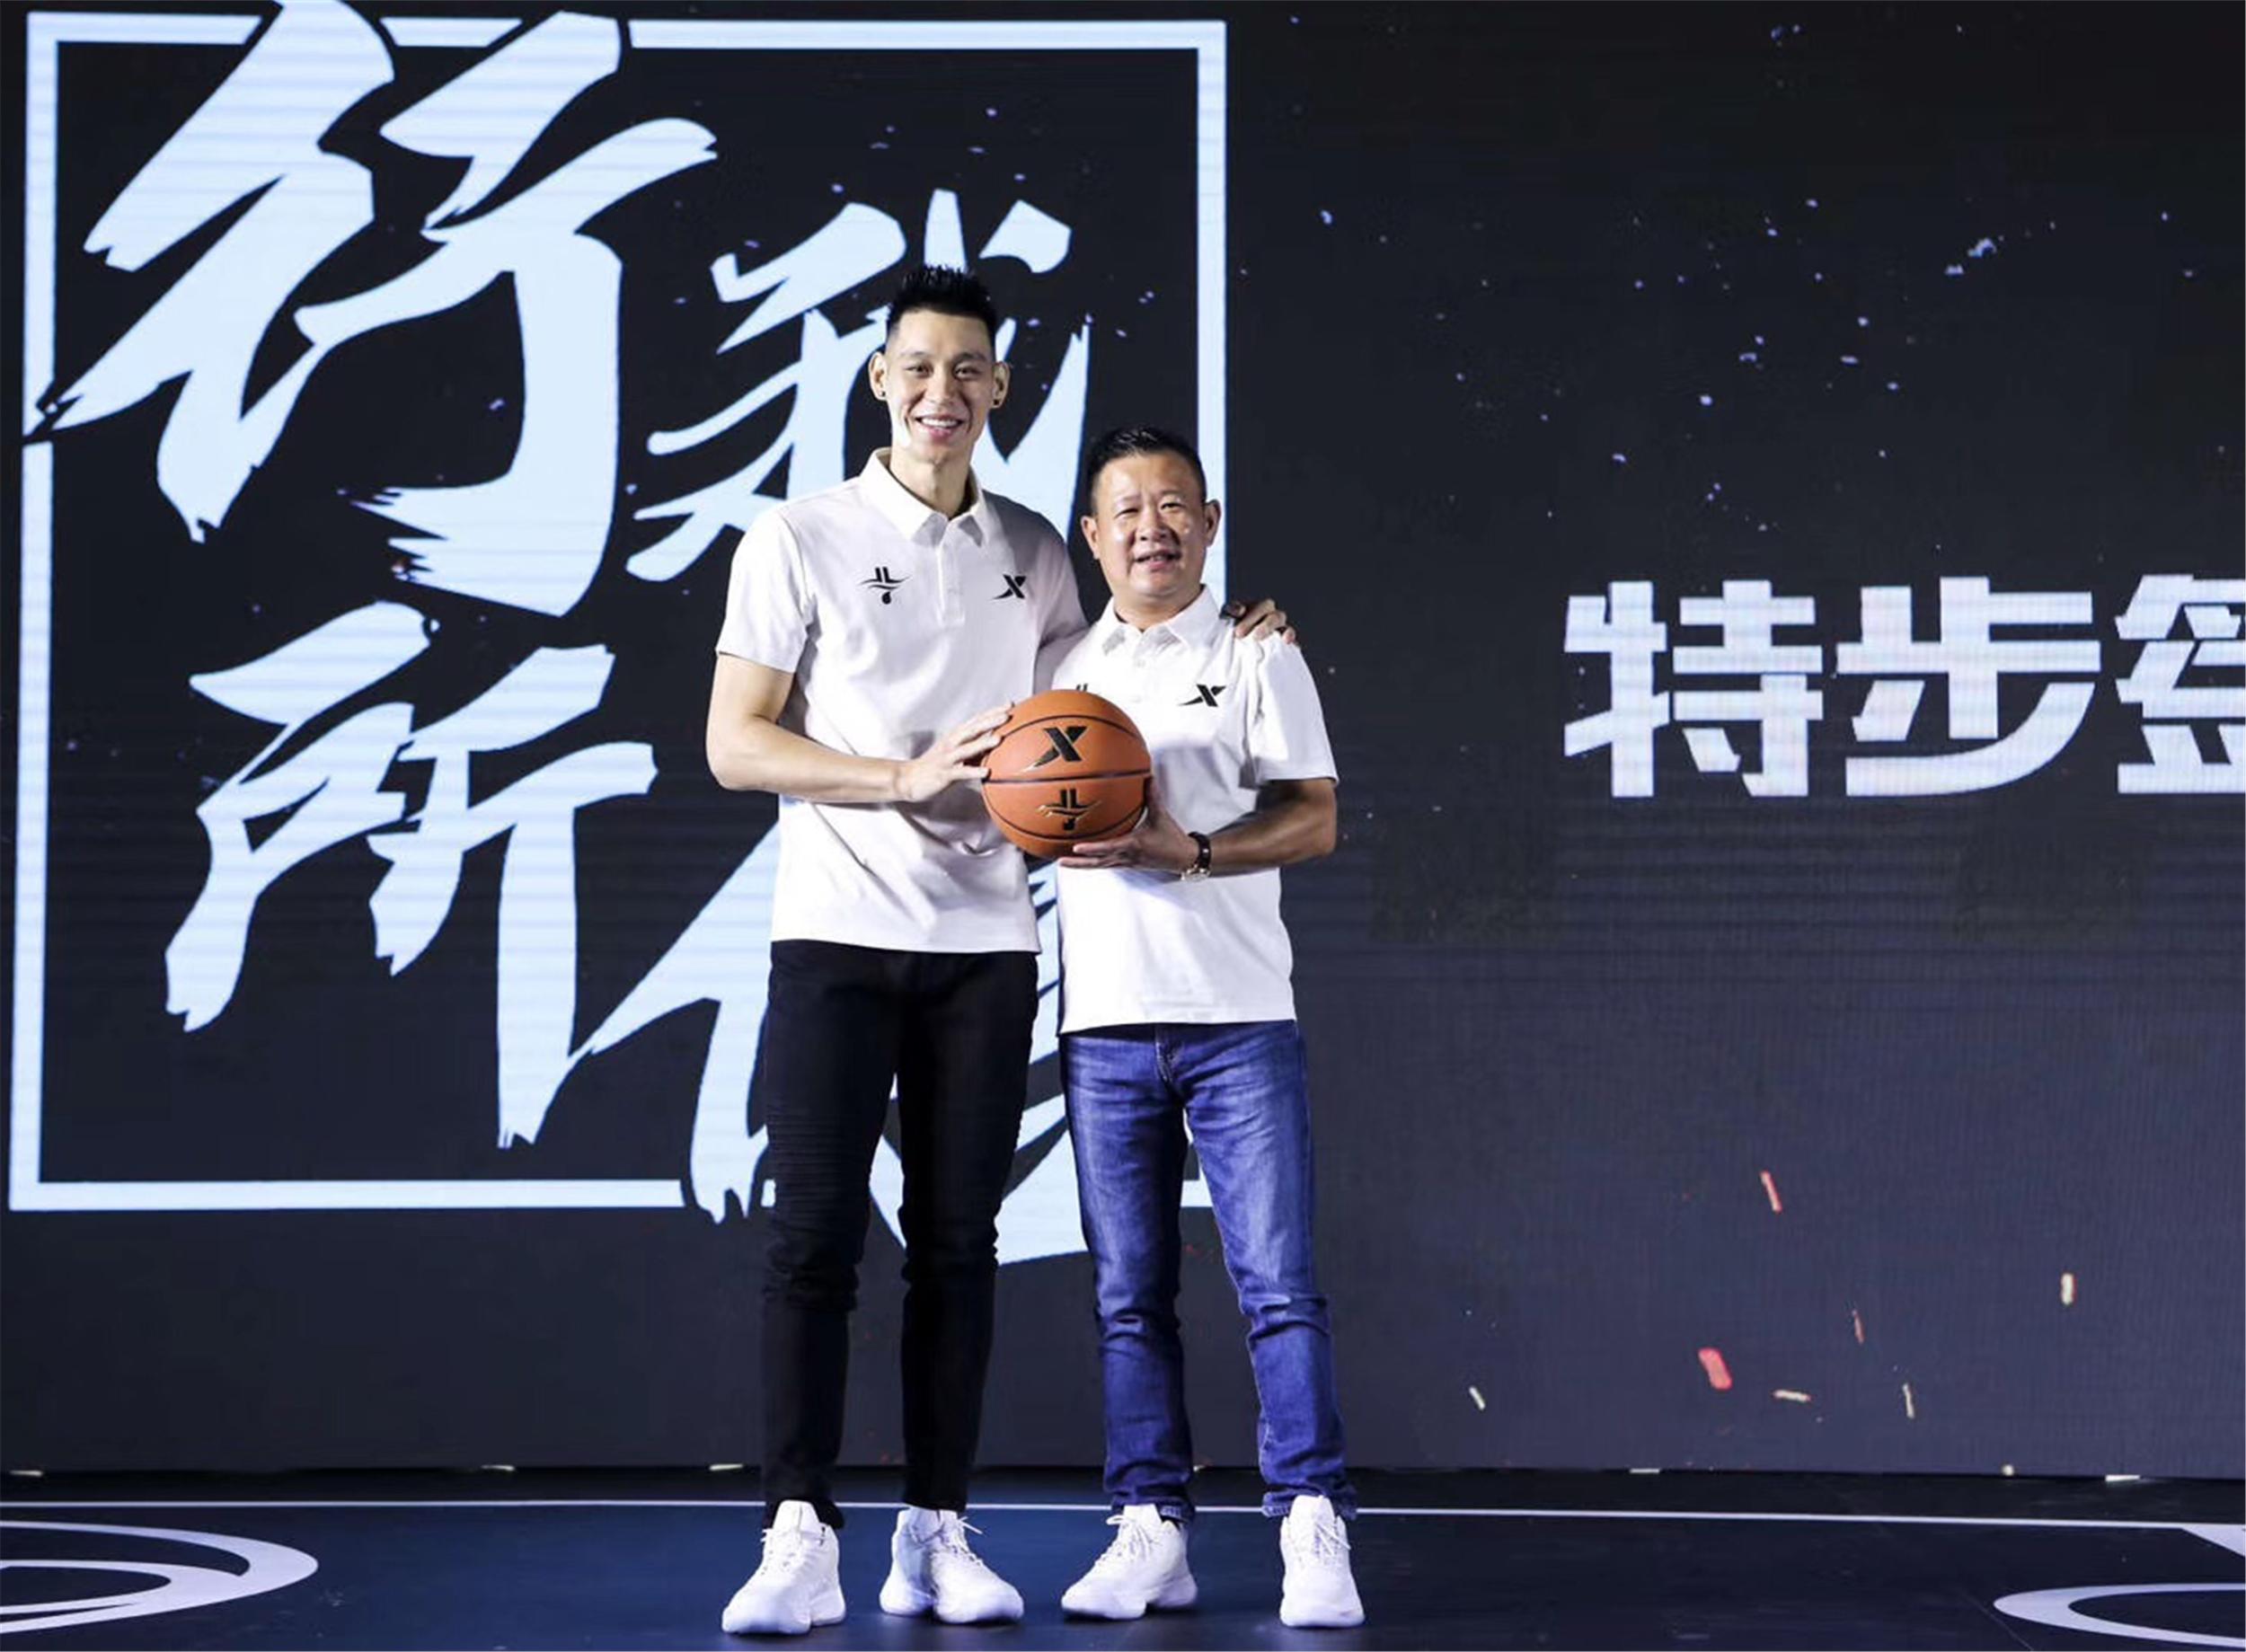 特步:签约林书豪,共创篮球梦想